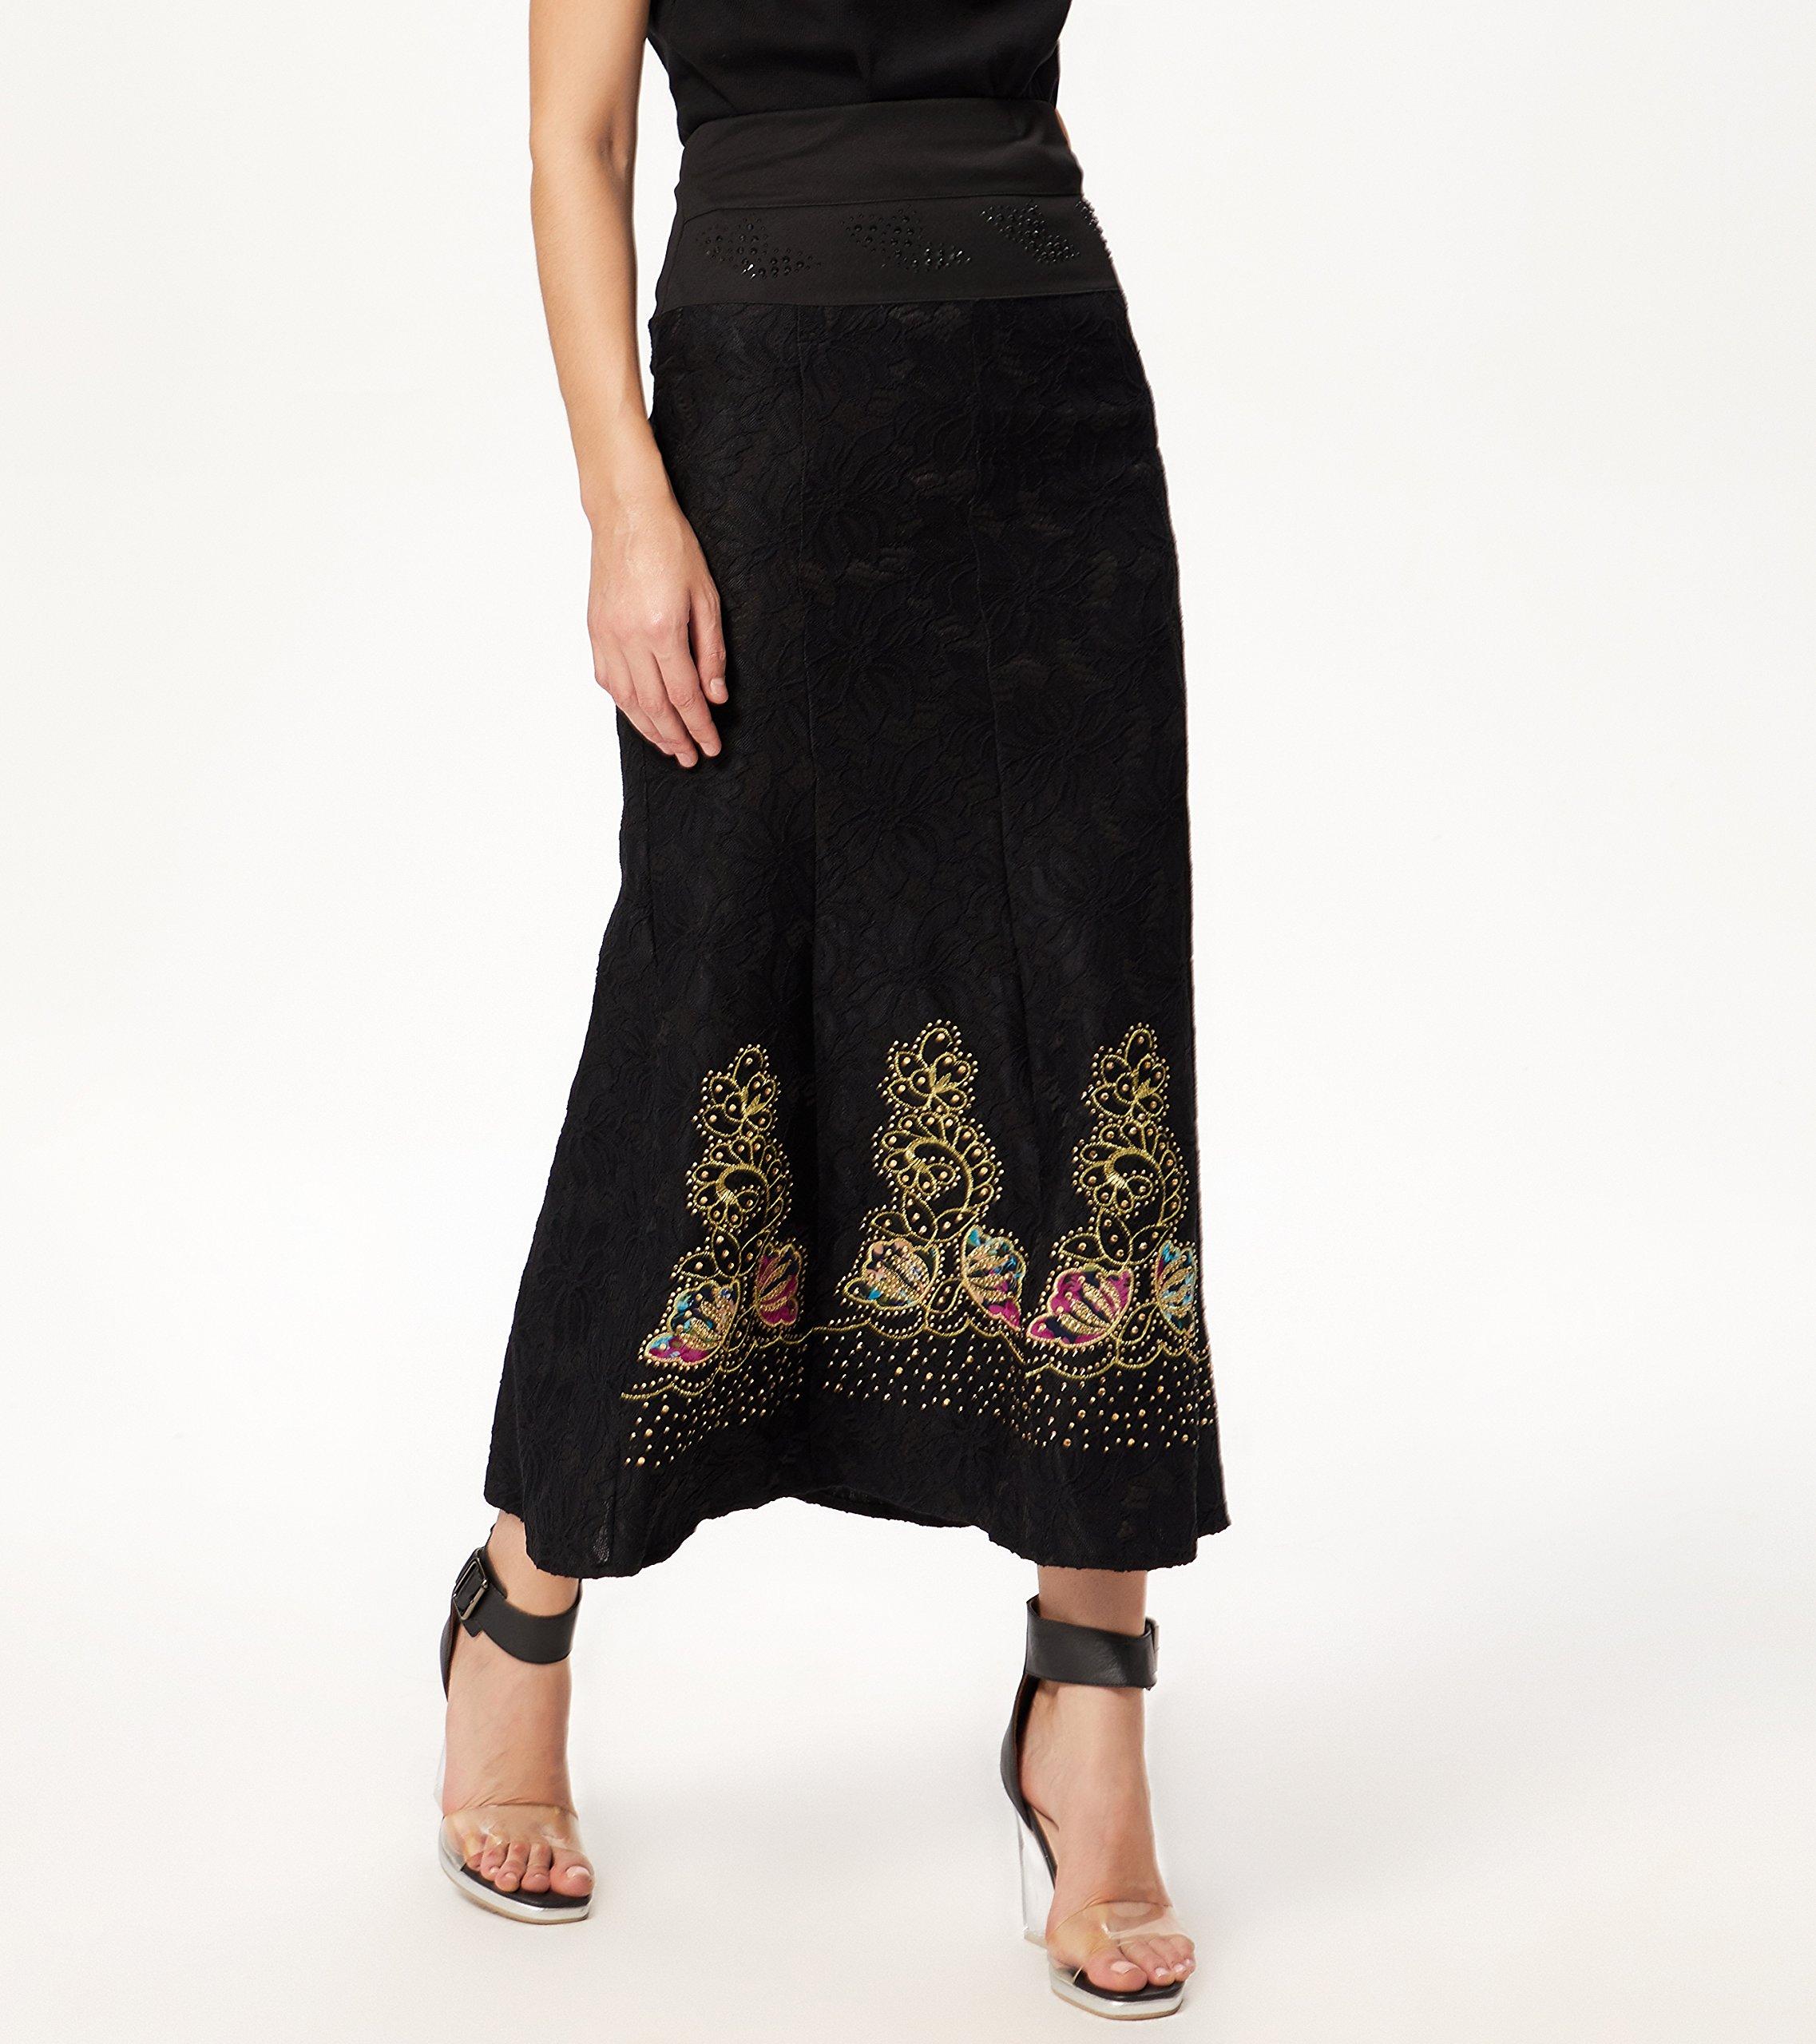 Goddess Area Women\'s Hot Drilling High Waist Casual Maxi Skirt (L, Black)